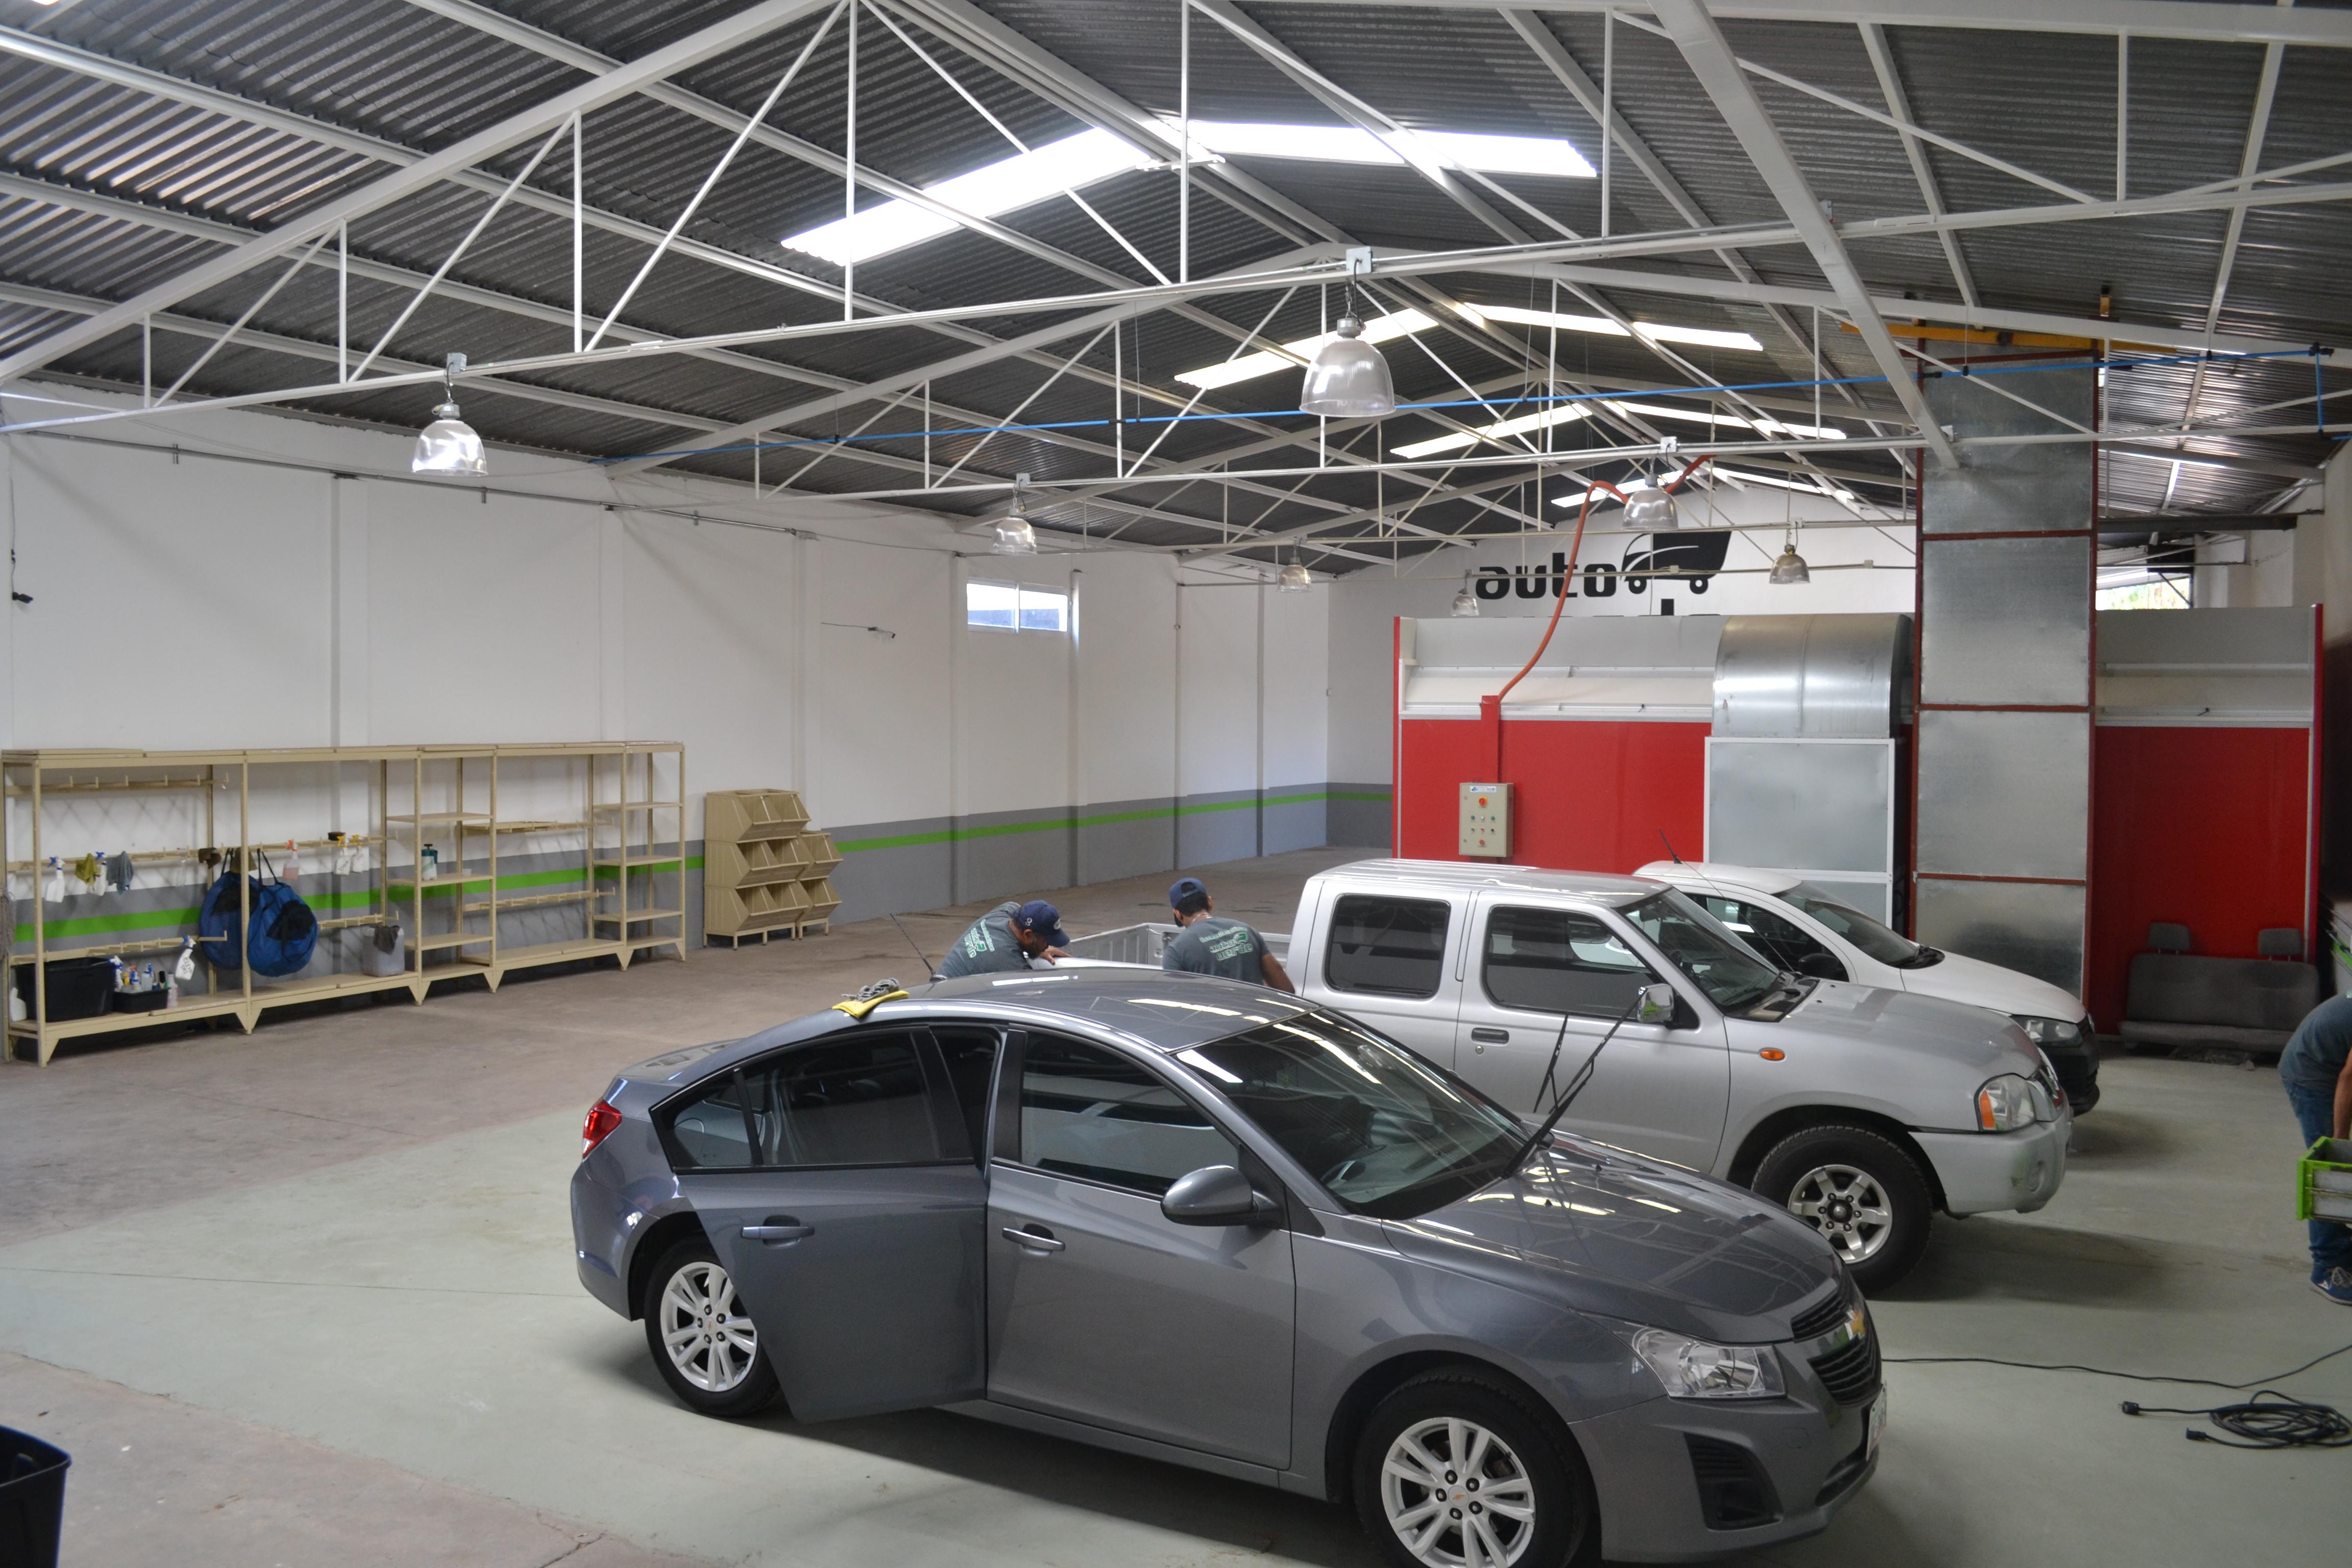 instalaciones autoverde